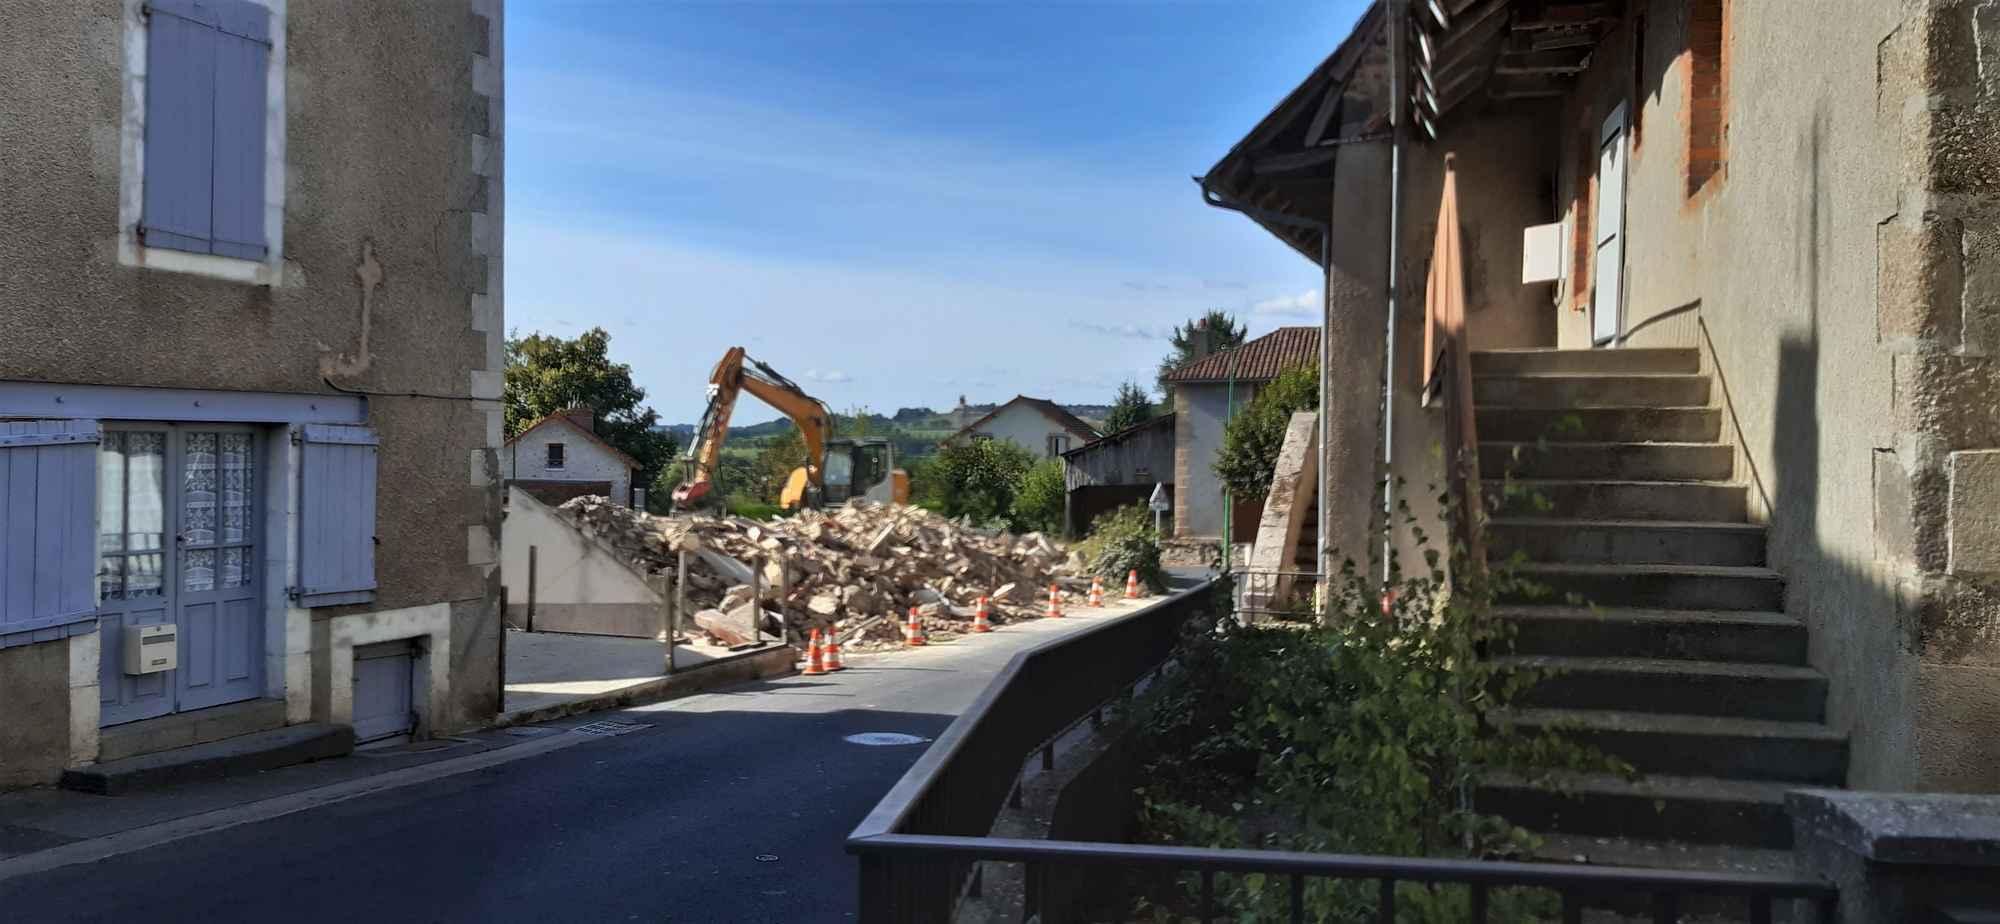 démolition café Bos 25aout2020 (3)